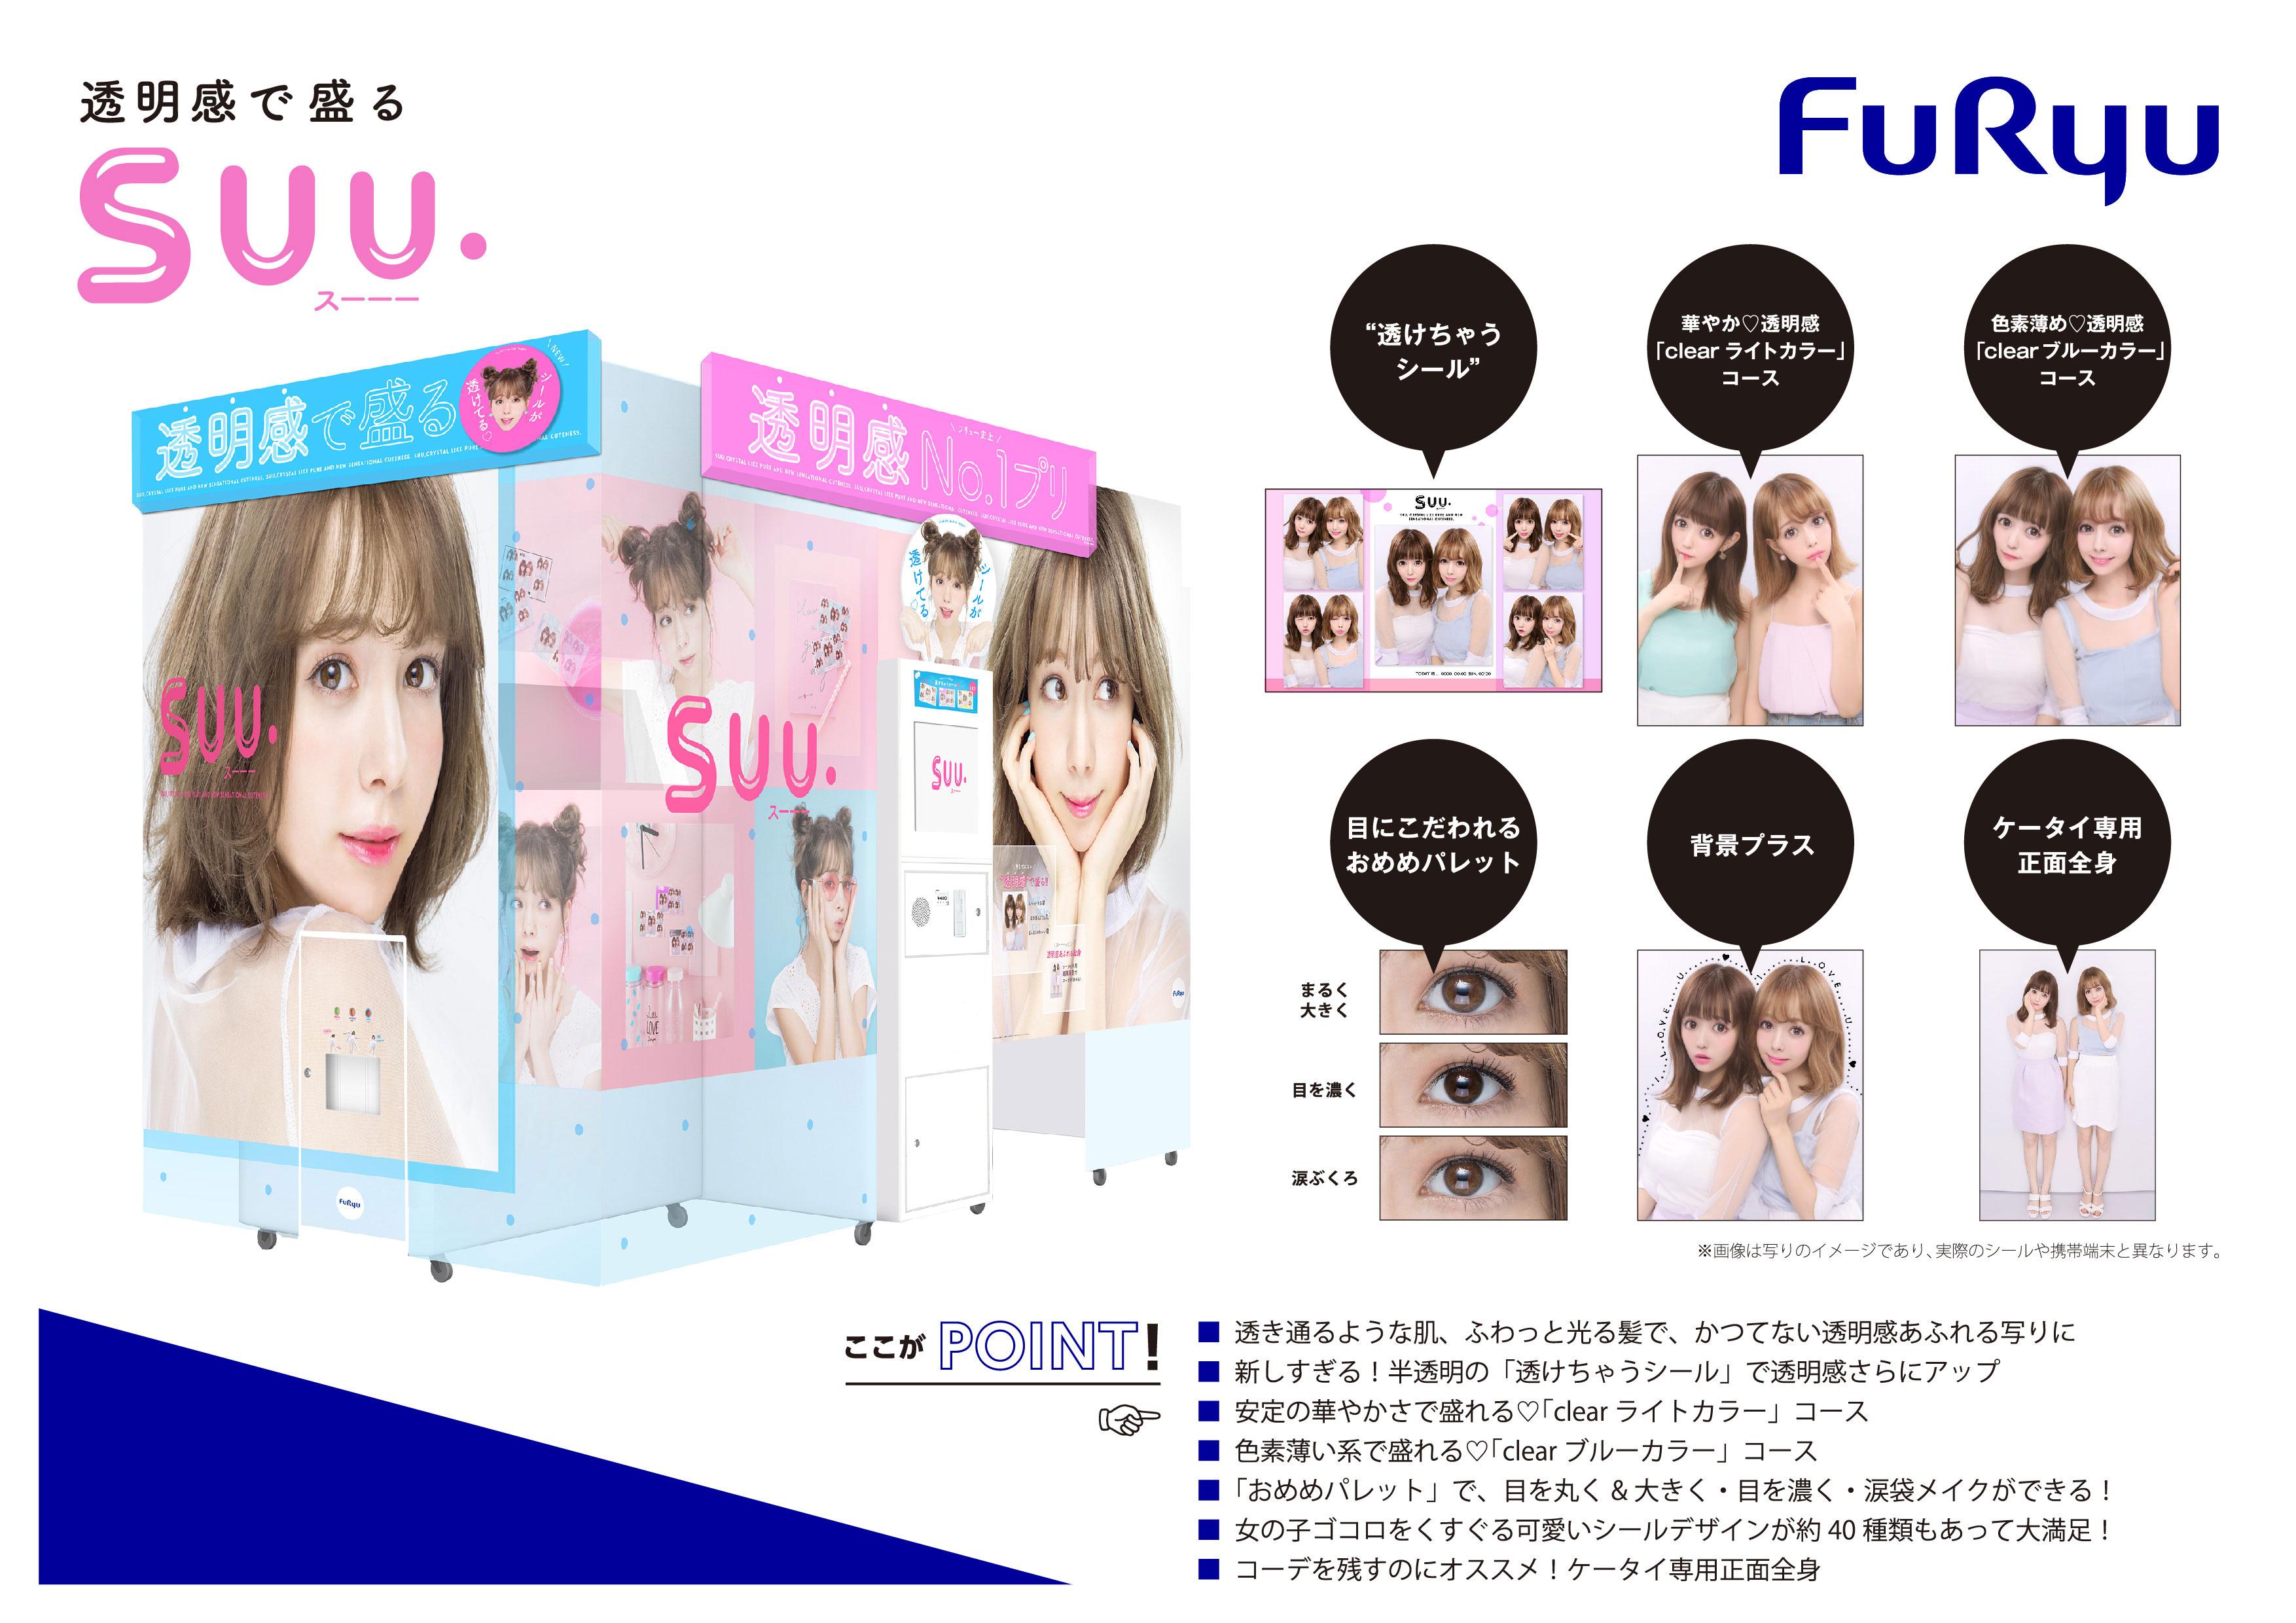 『SUU.』プリガイド(A4サイズ)サムネイル